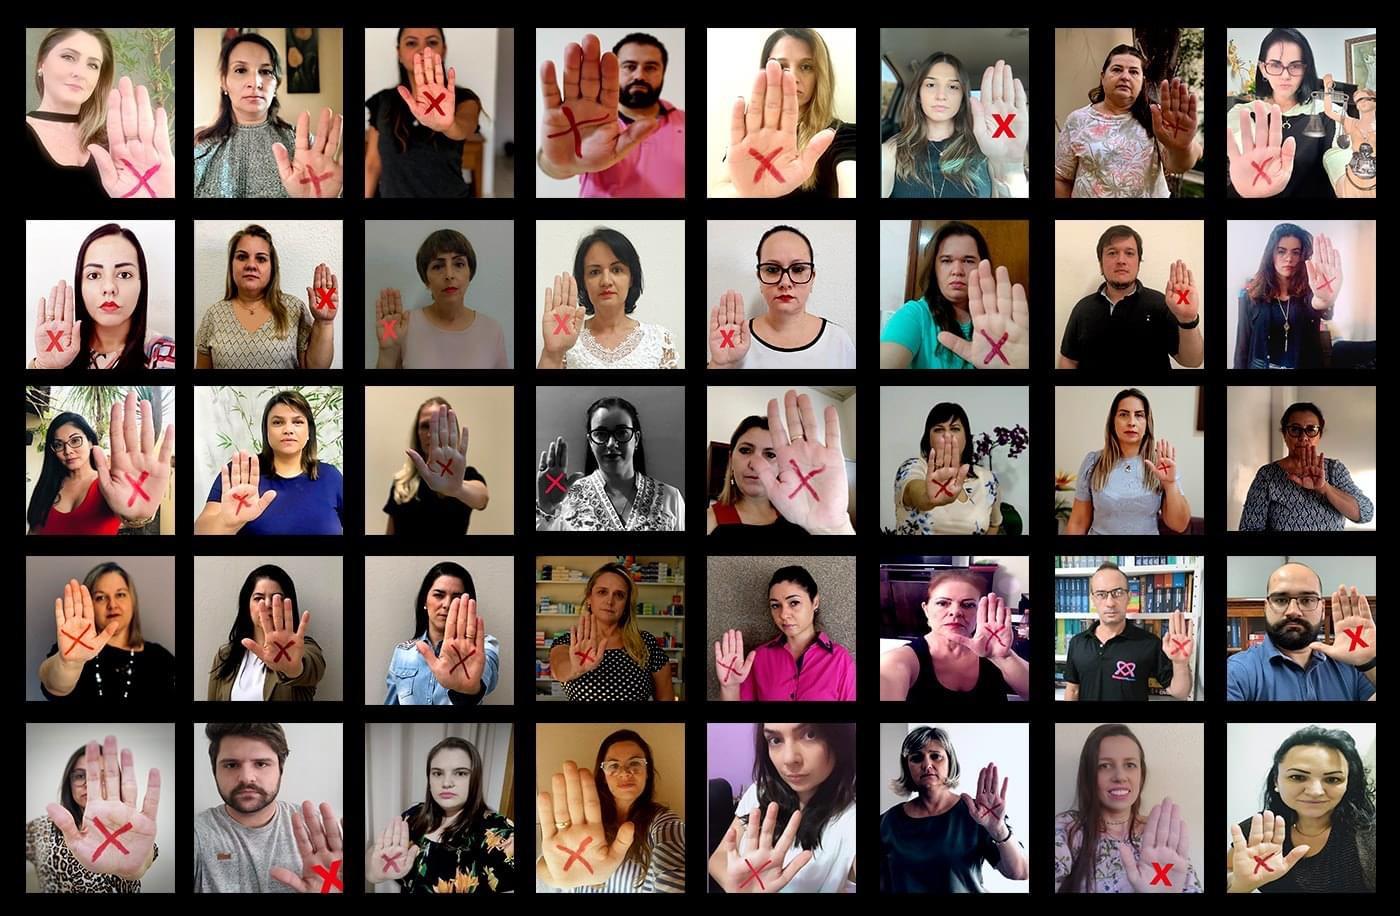 OAB de Taquaritinga (SP) cria movimento nas redes sociais em apoio à campanha 'Sinal Vermelho'